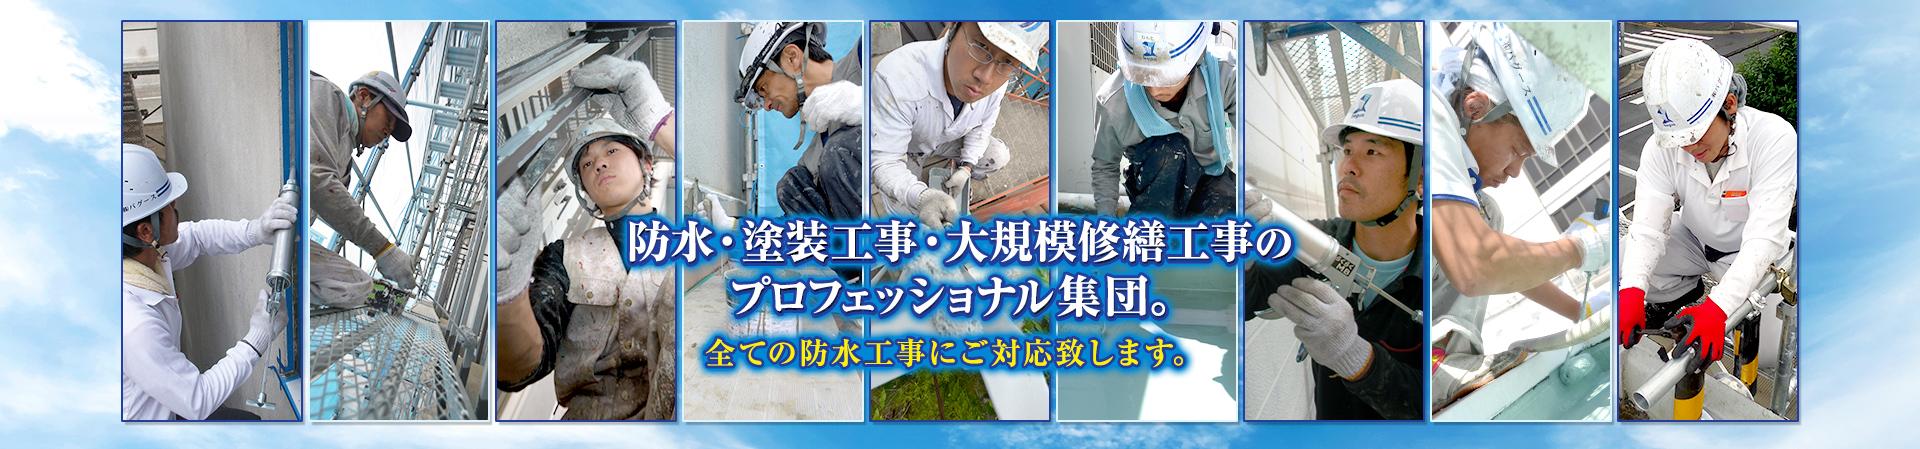 防水・塗装工事・大規模修繕工事のプロフェッショナル集団。全ての防水工事にご対応致します。